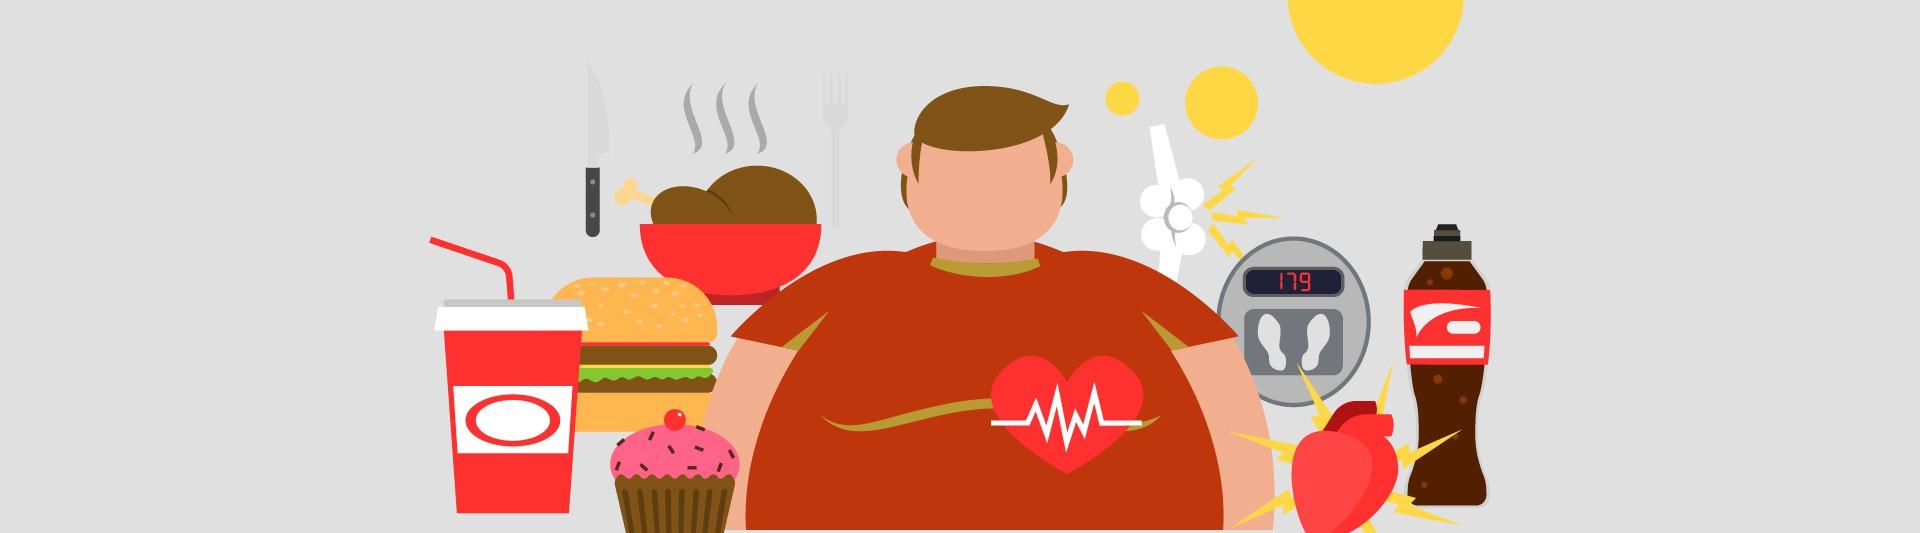 محاسبه میزان کالری مورد نیاز بدن هر شخص